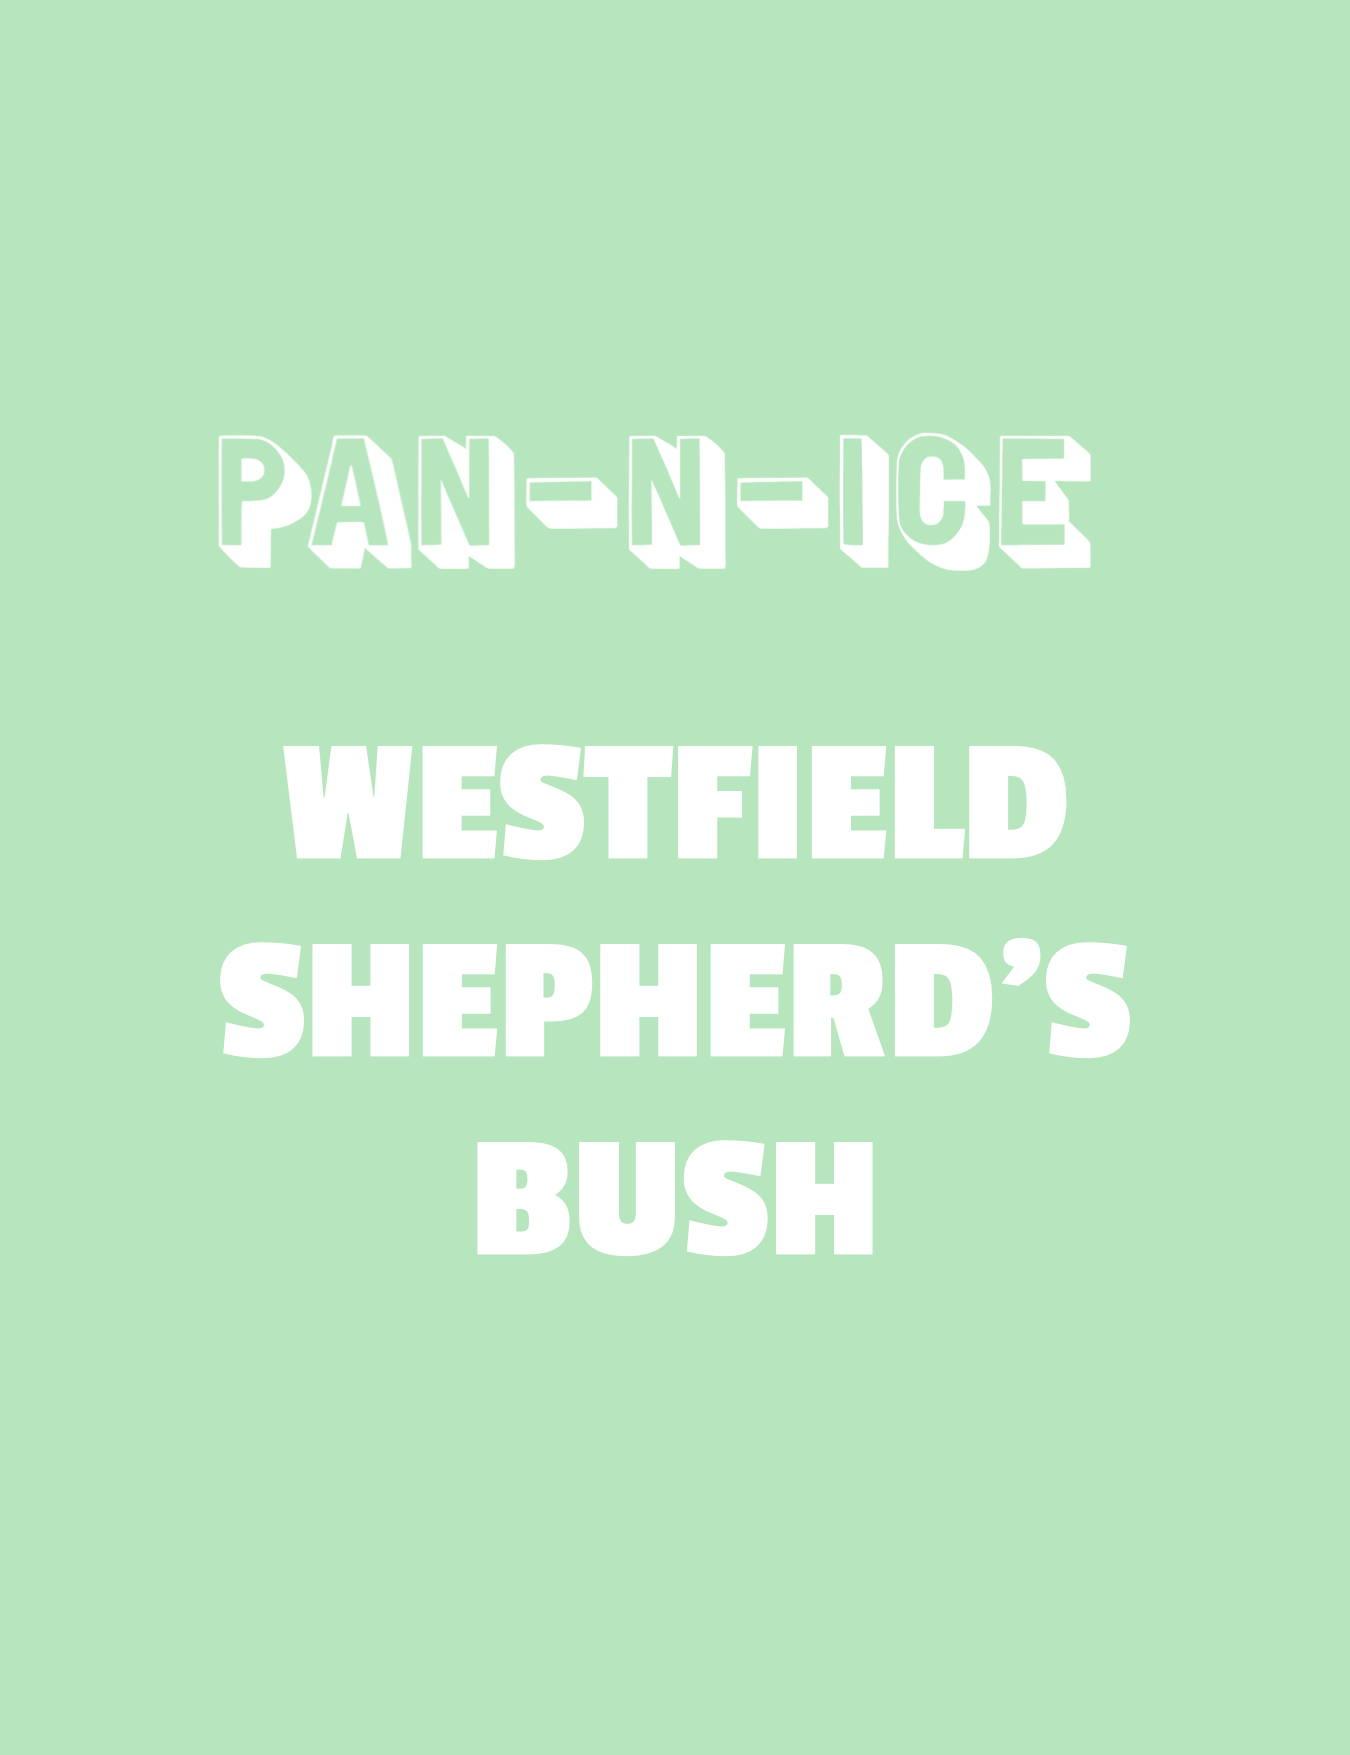 westfield shepherd's bush